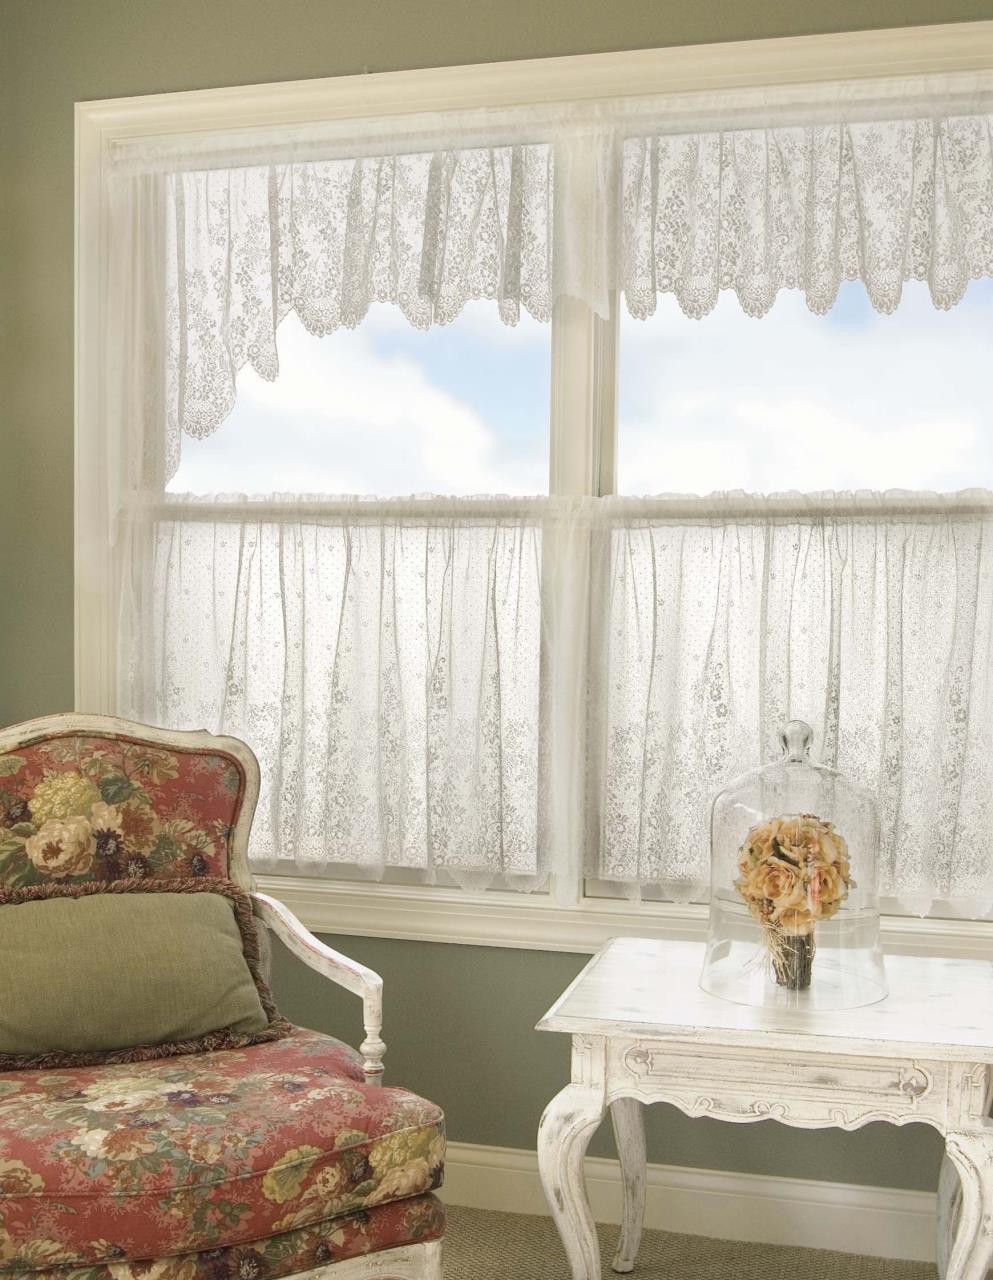 Floret Lace Curtain Collection -